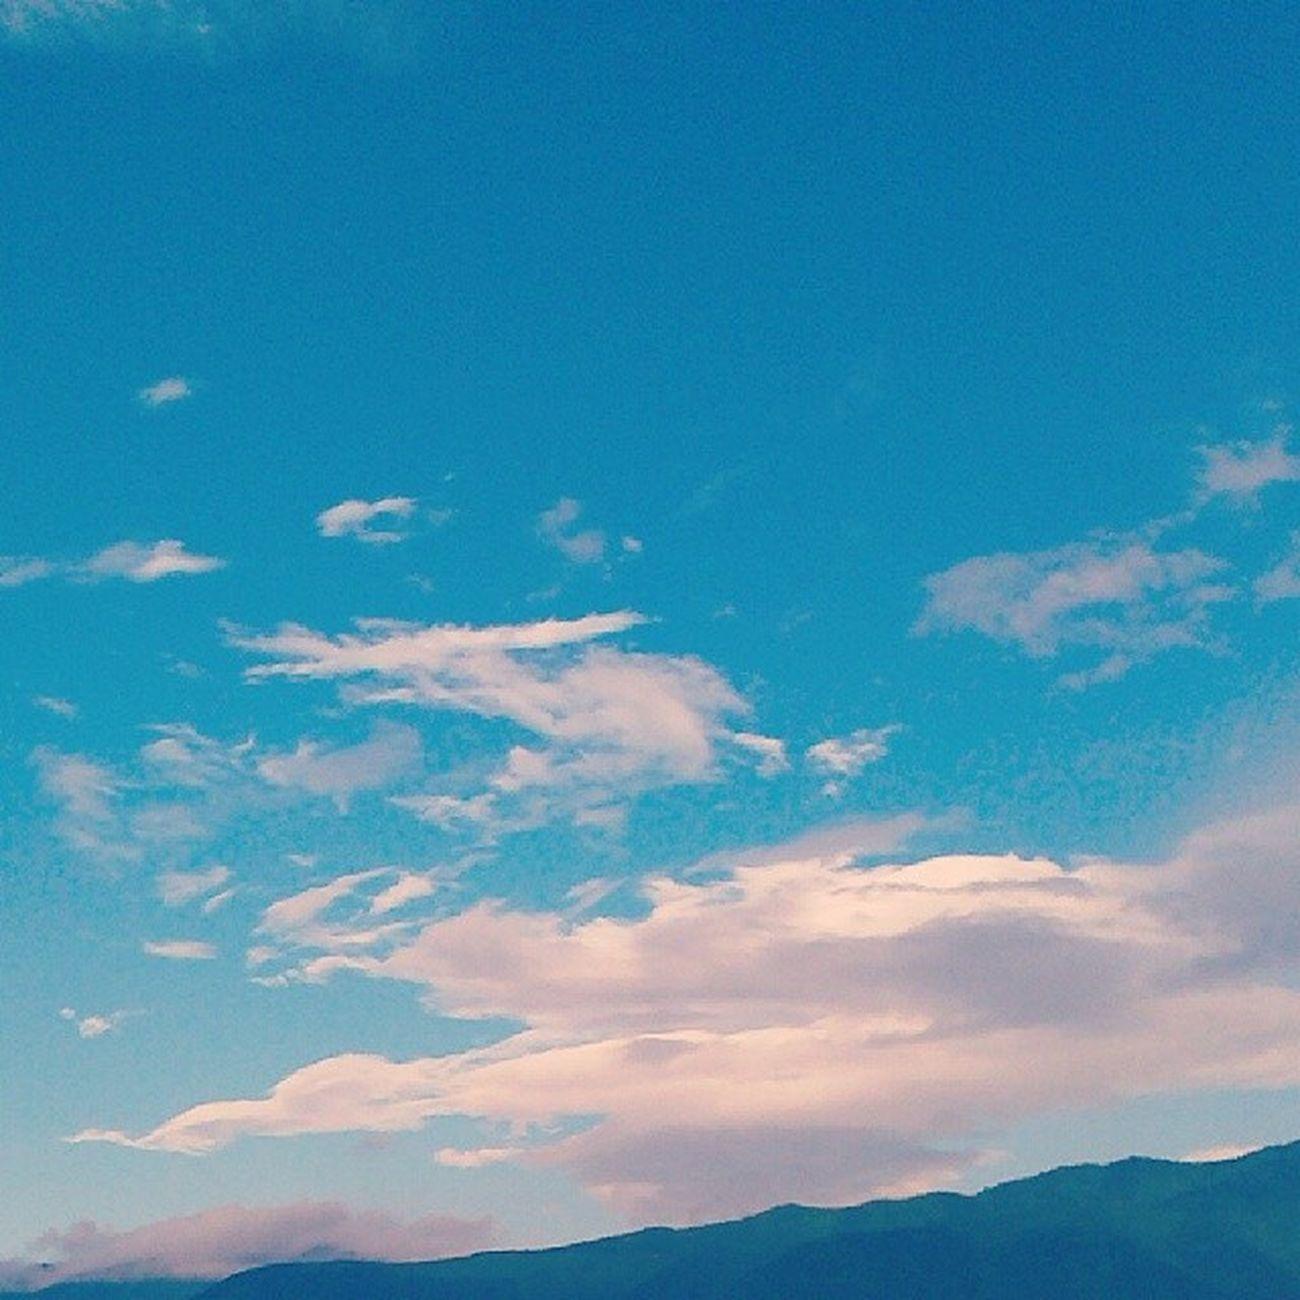 Bulut Mavi Turkuaz Beyaz cloud blue